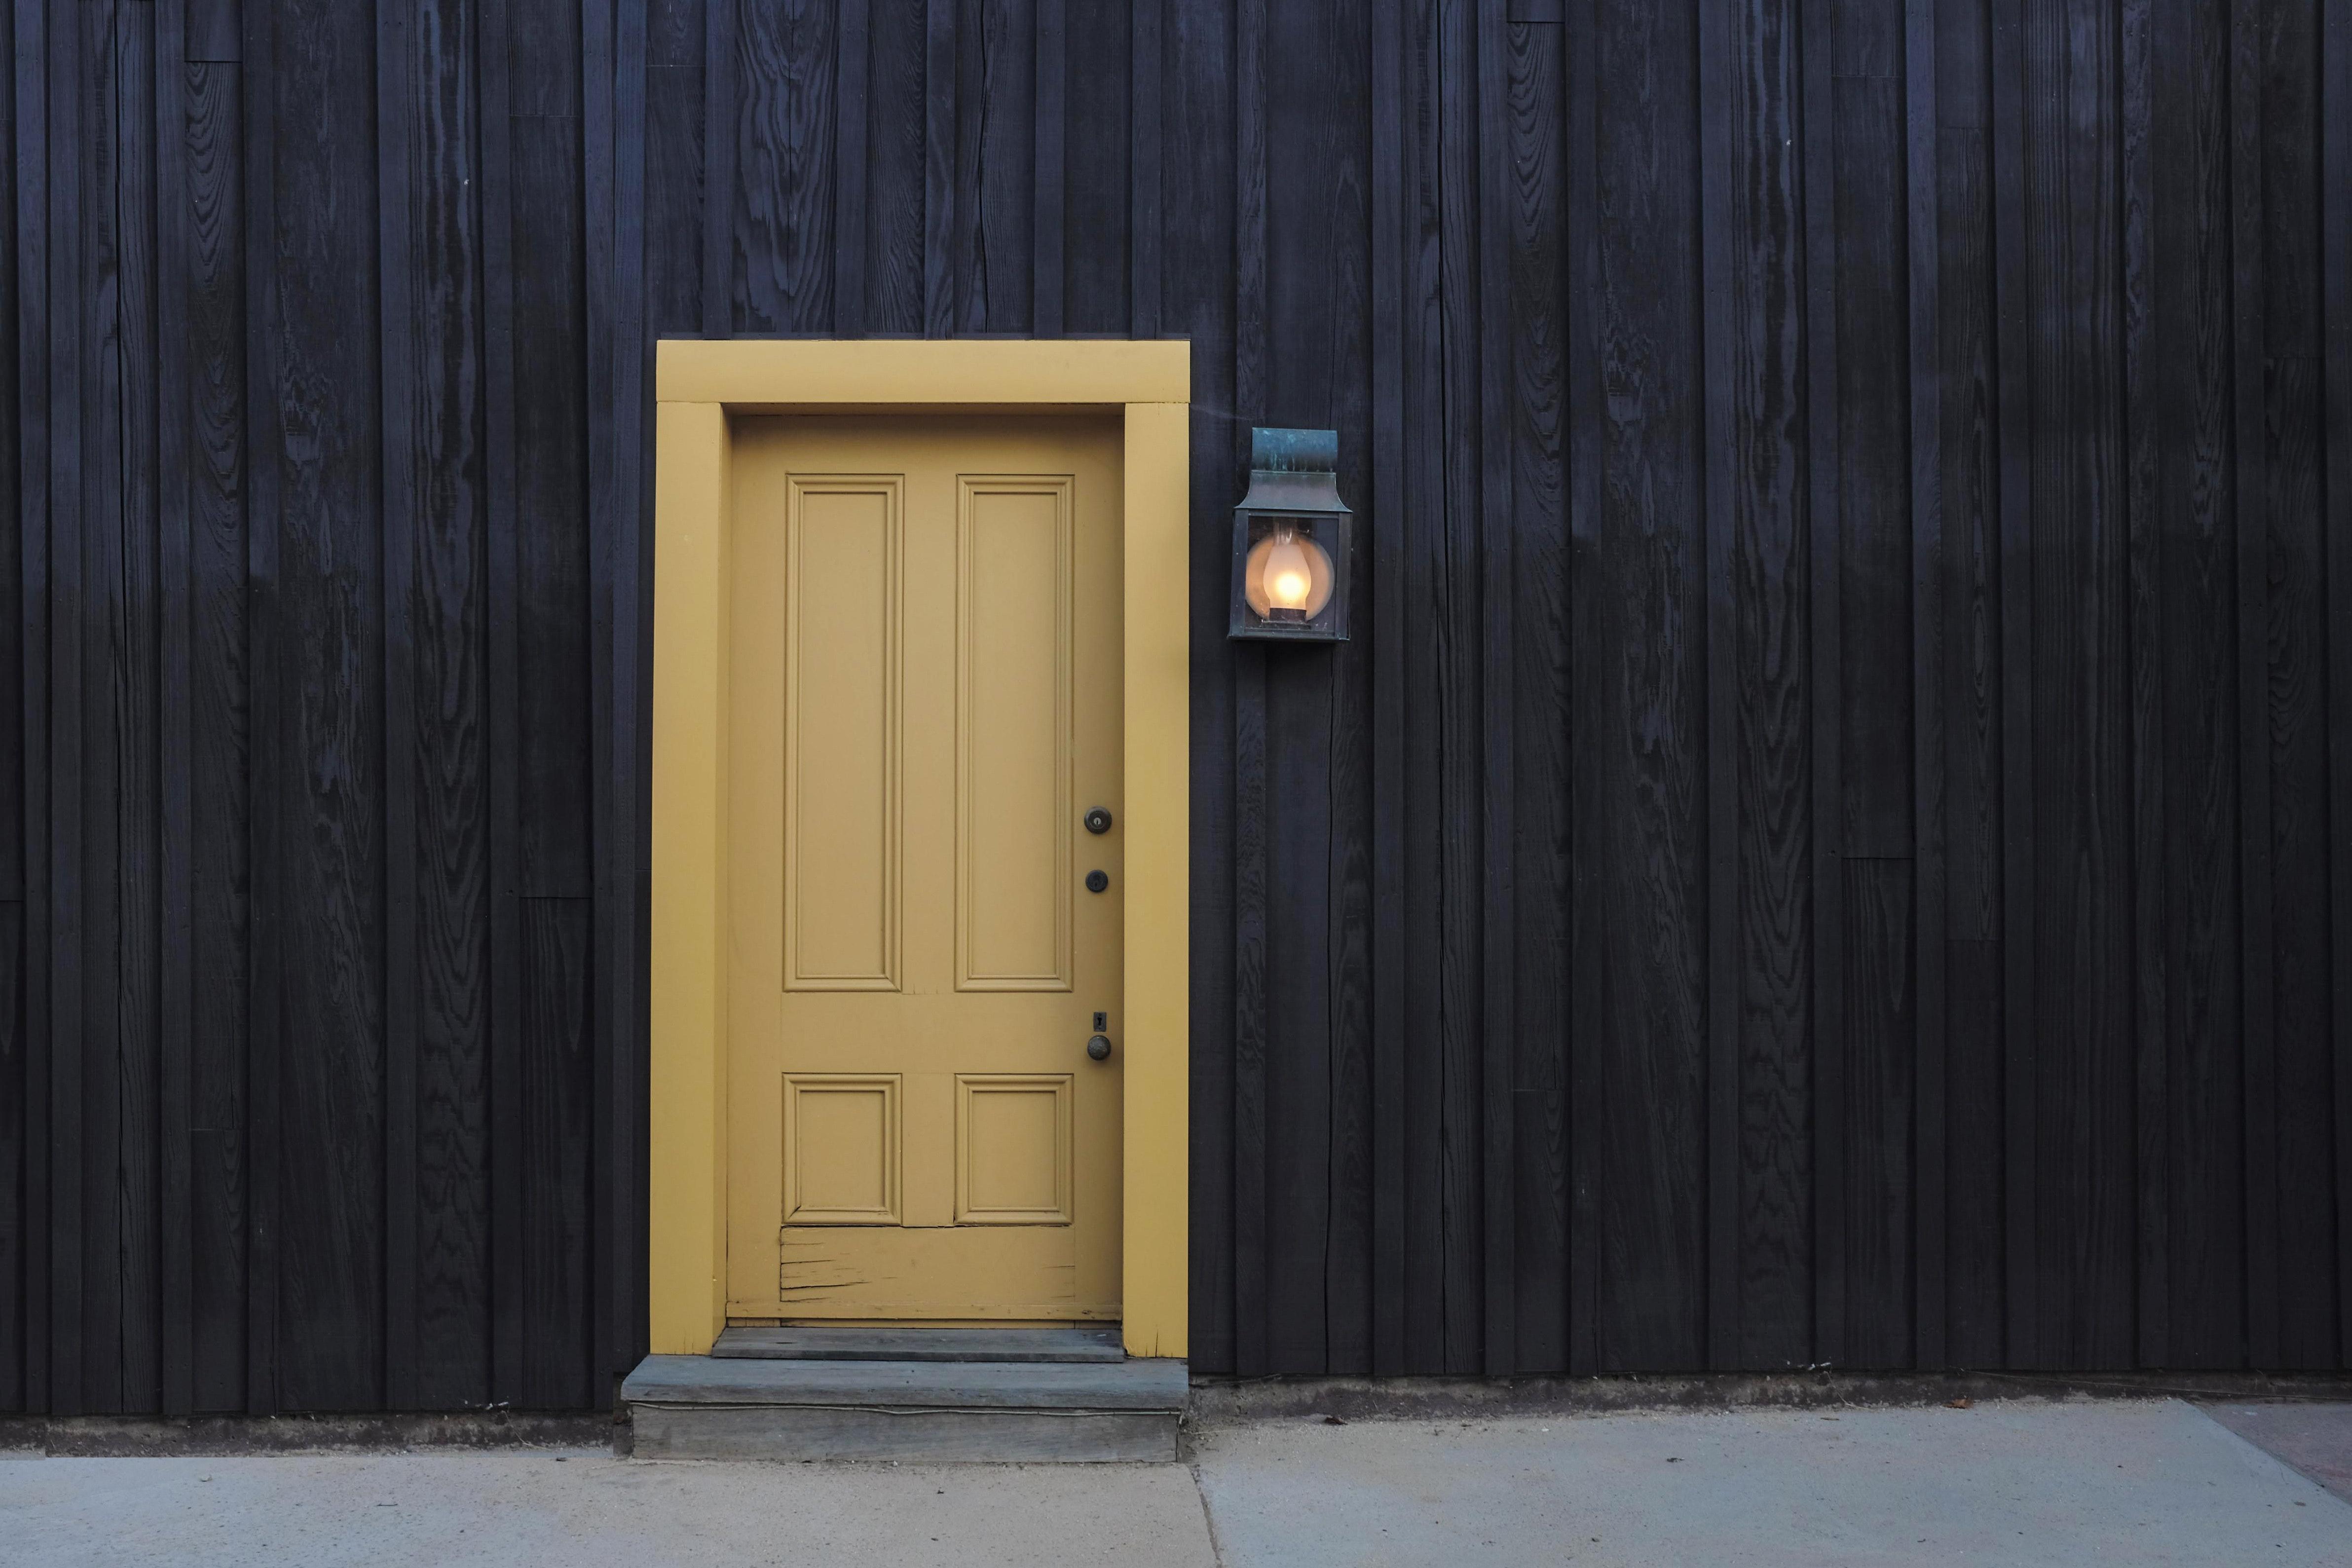 building-door-entrance-277559